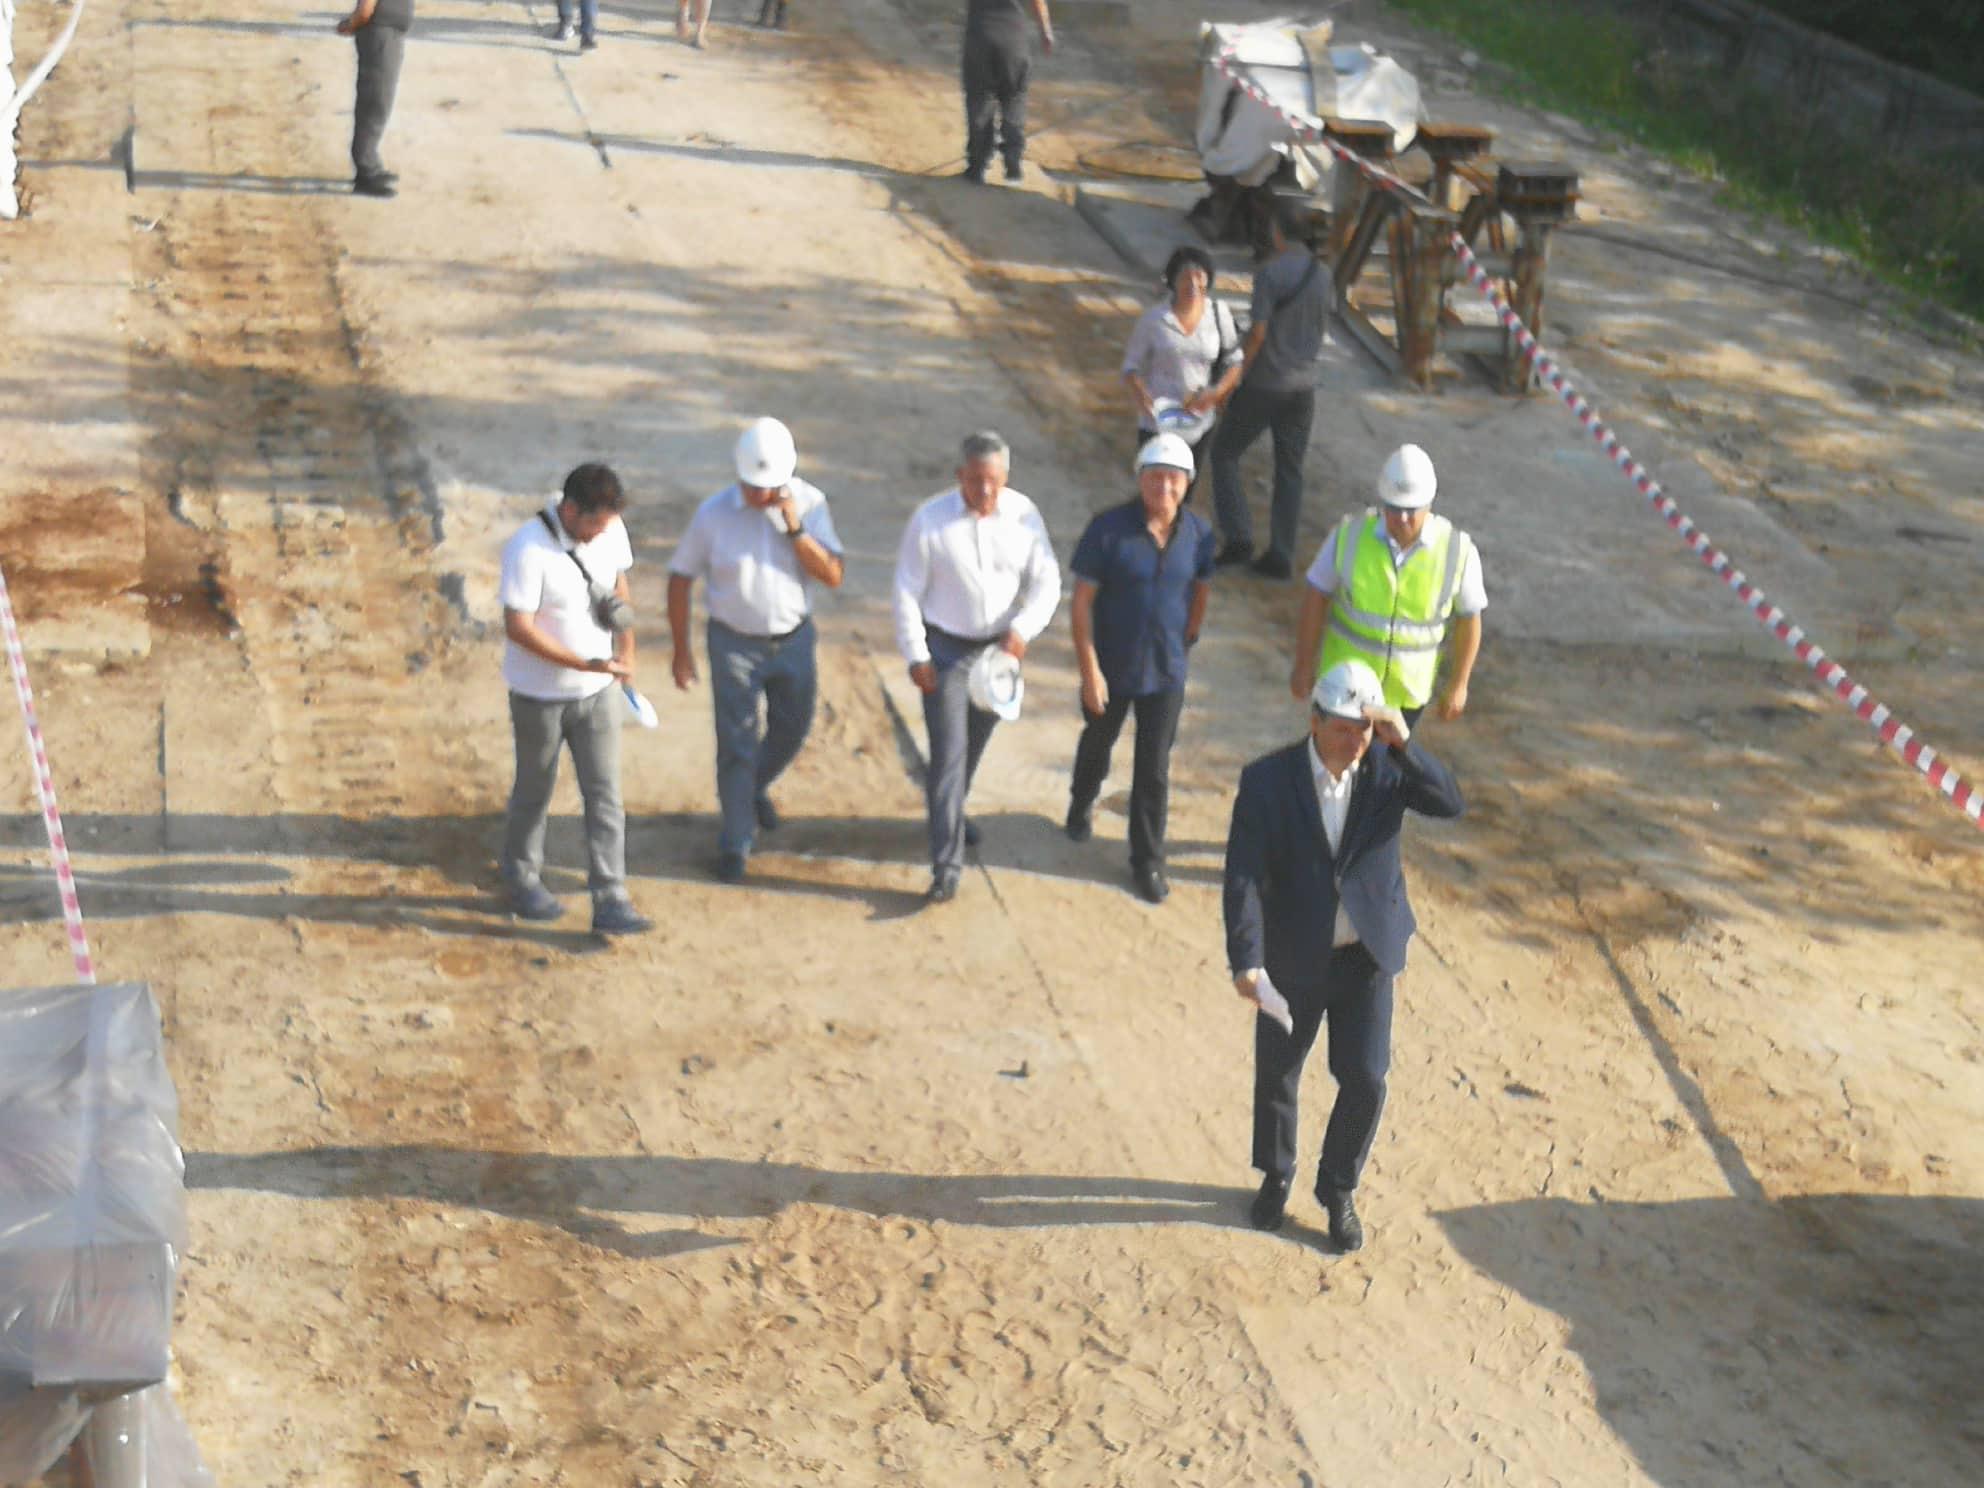 День відкритих дверей: Марцінків показав, як будується новий міст на Пасічну 5